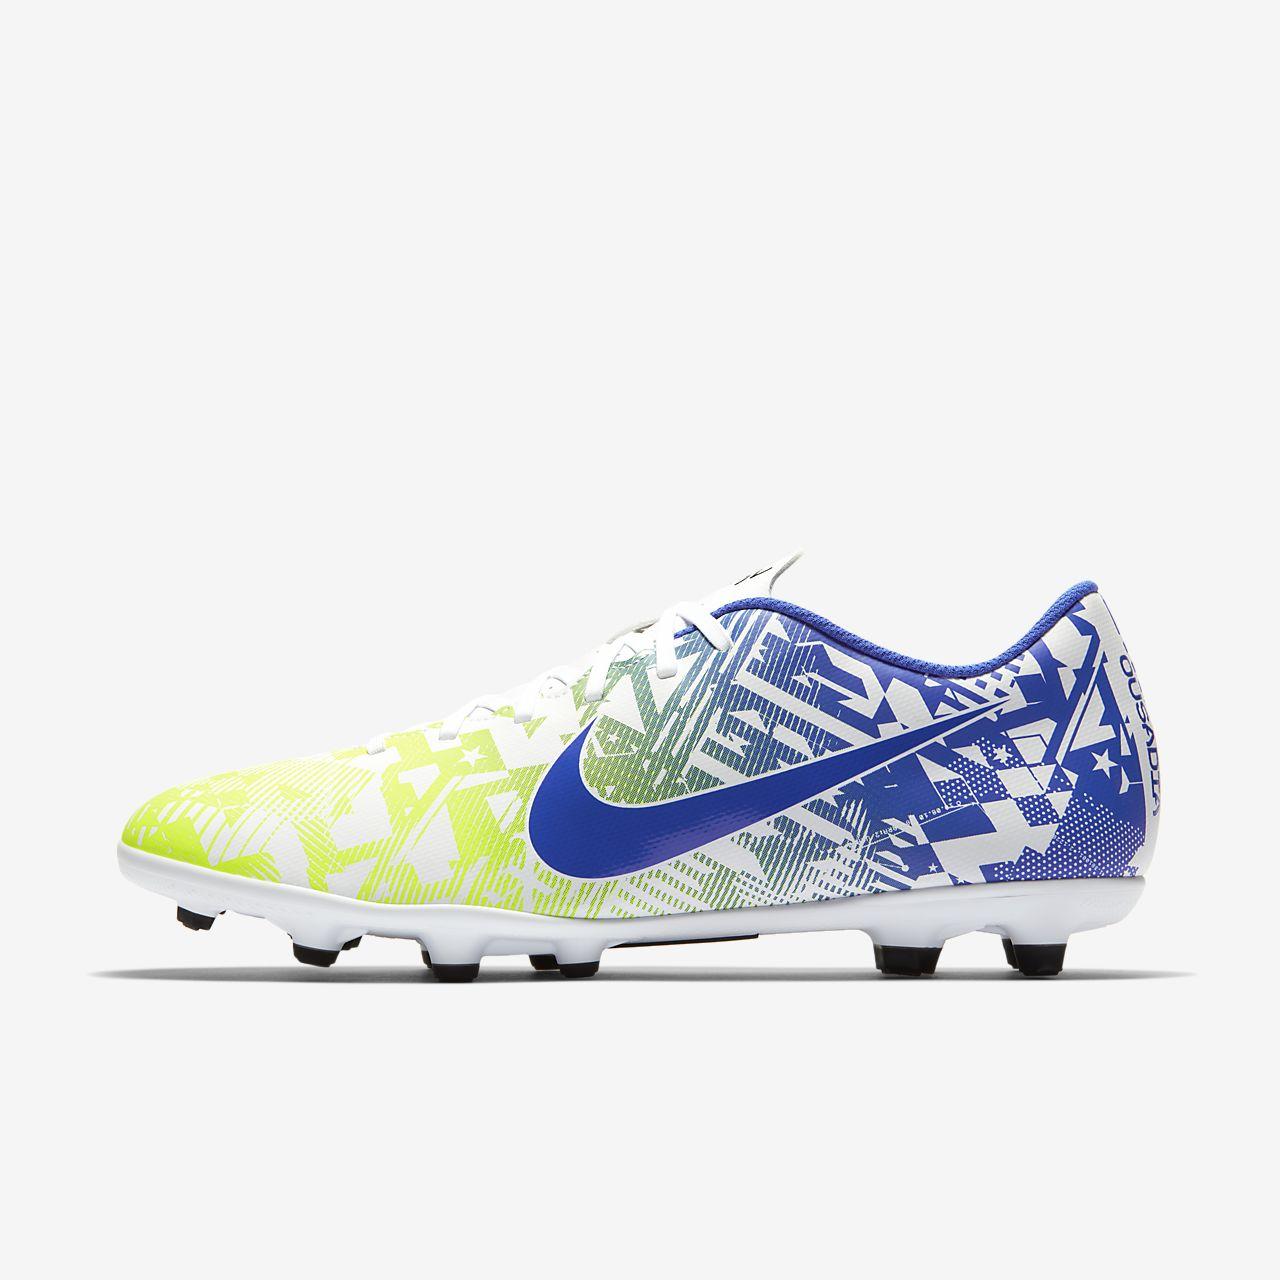 รองเท้าสตั๊ดฟุตบอลสำหรับพื้นหลายประเภท Nike Mercurial Vapor 13 Club Neymar Jr. MG